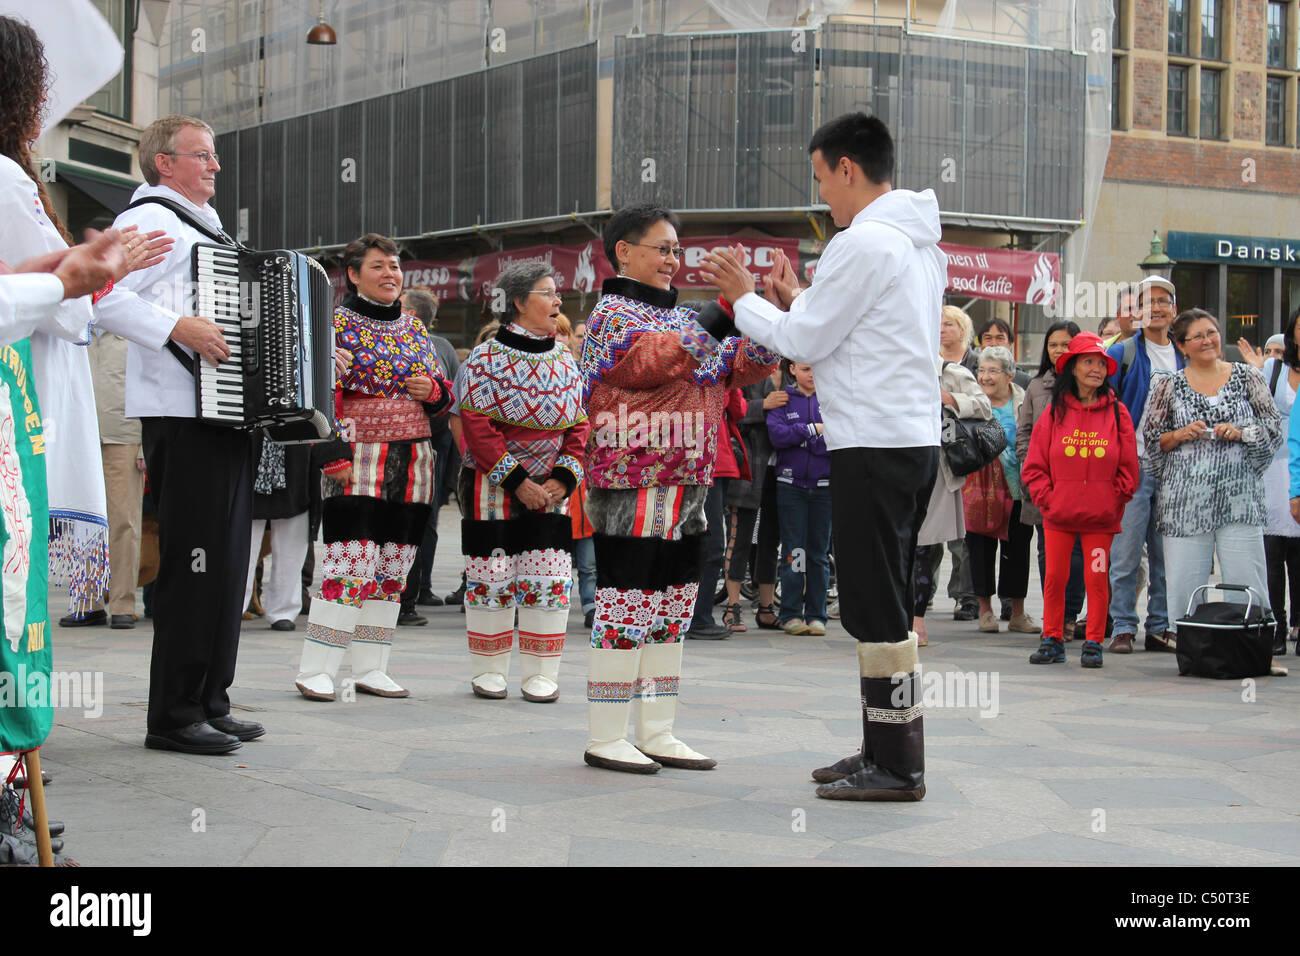 Greenlandic dance group performing in the streets of Copenhagen, Denmark - Stock Image